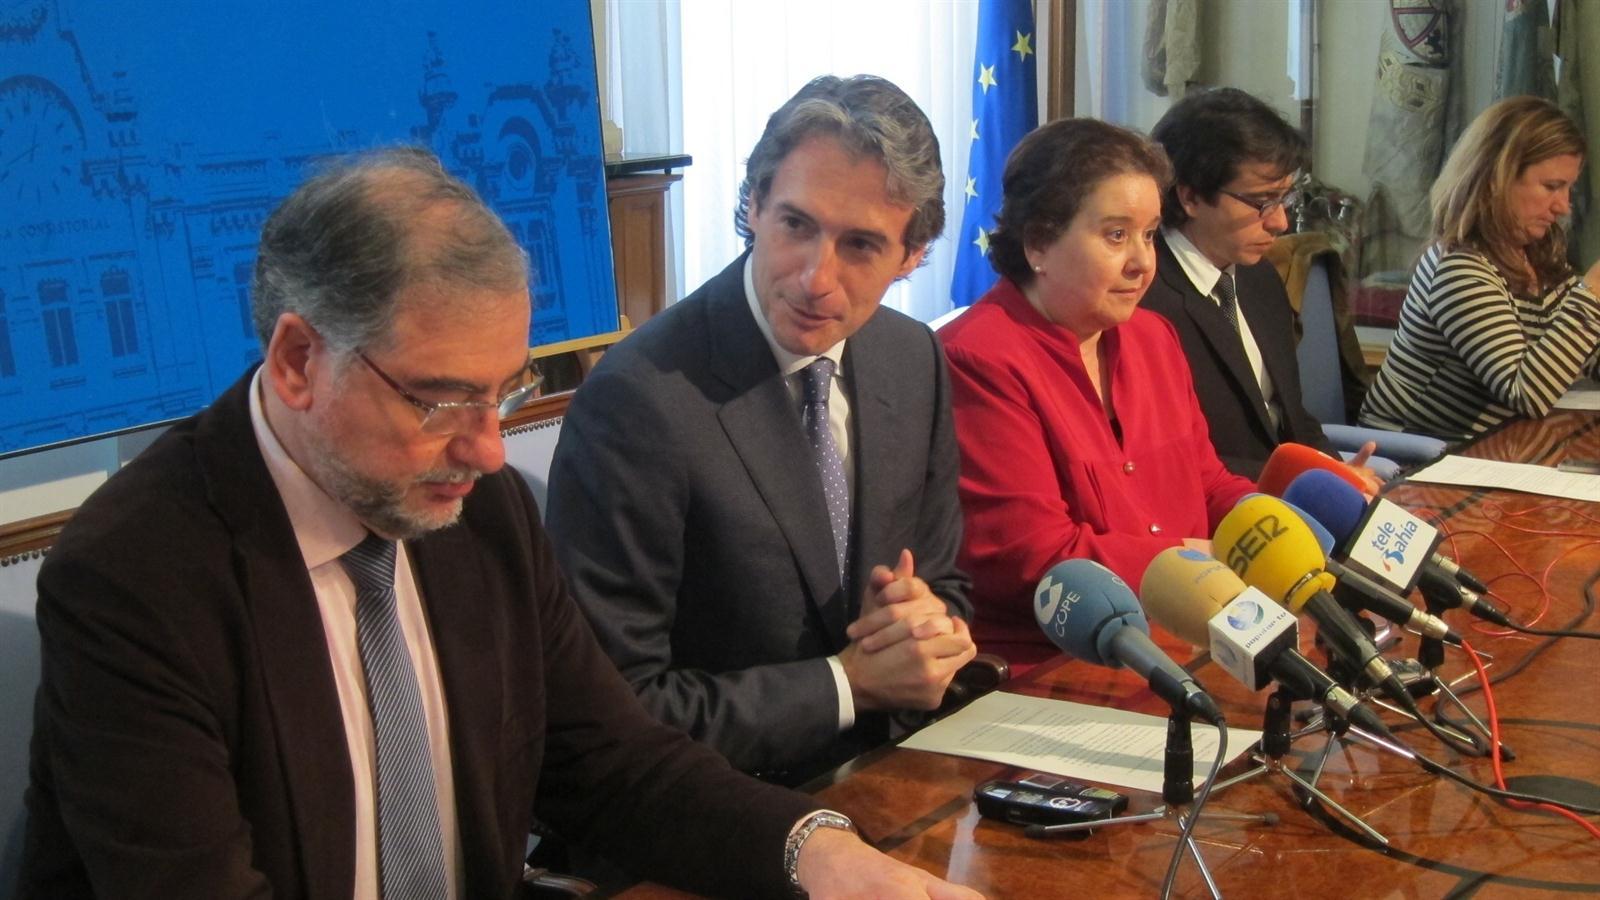 La Biblioteca virtual Miguel de Cervantes publicará el 16 de mayo los textos teatrales legados por Menéndez Pelayo